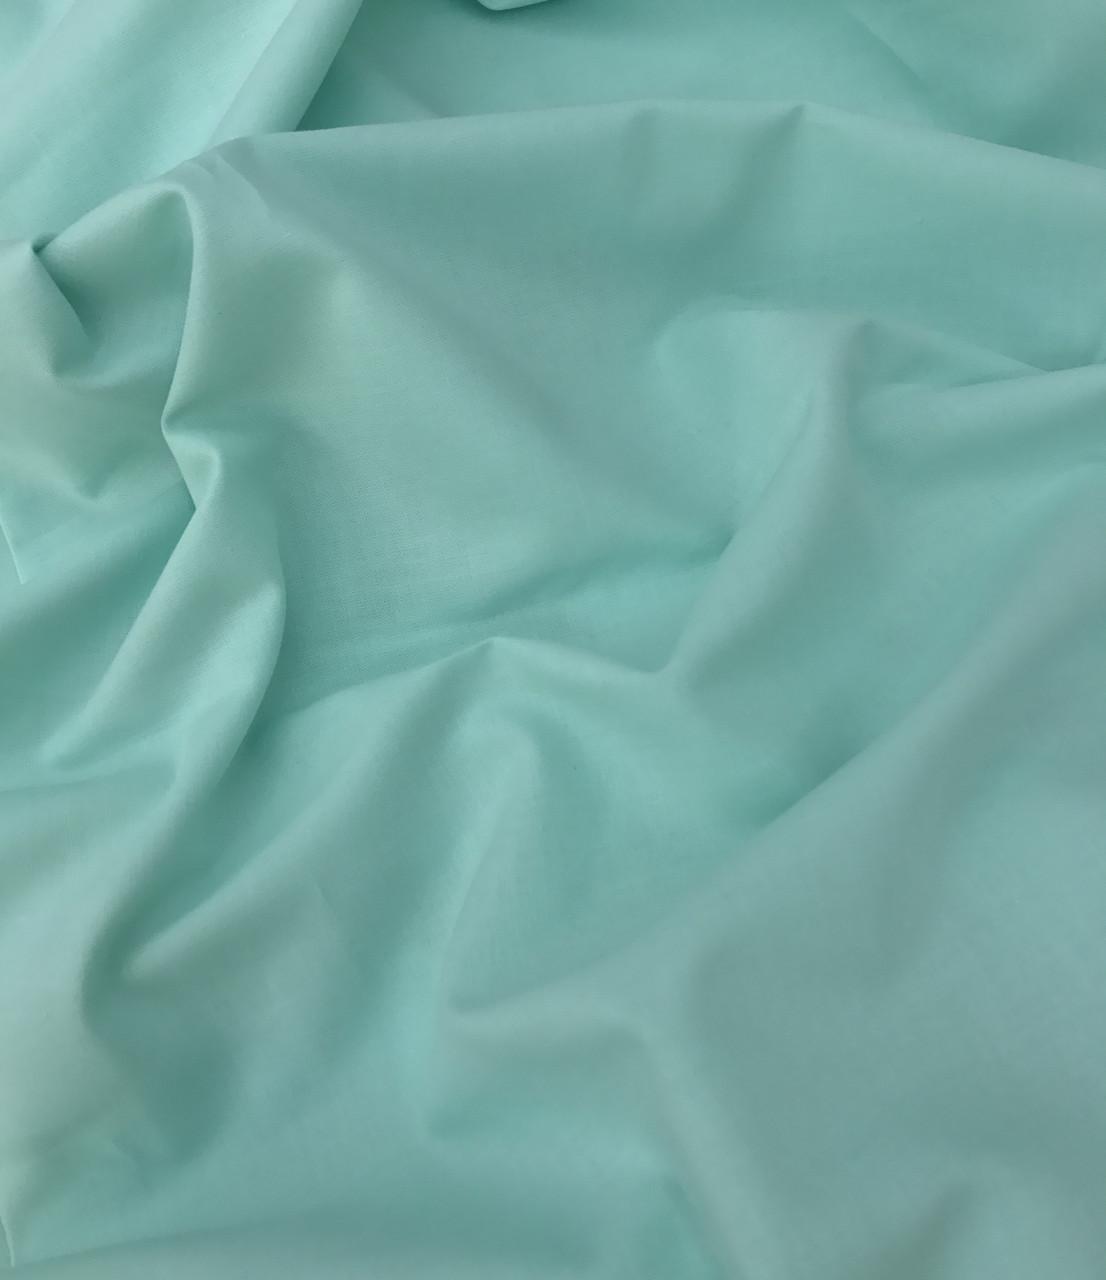 Хлопковая ткань премиум-класса однотонная мятная №520